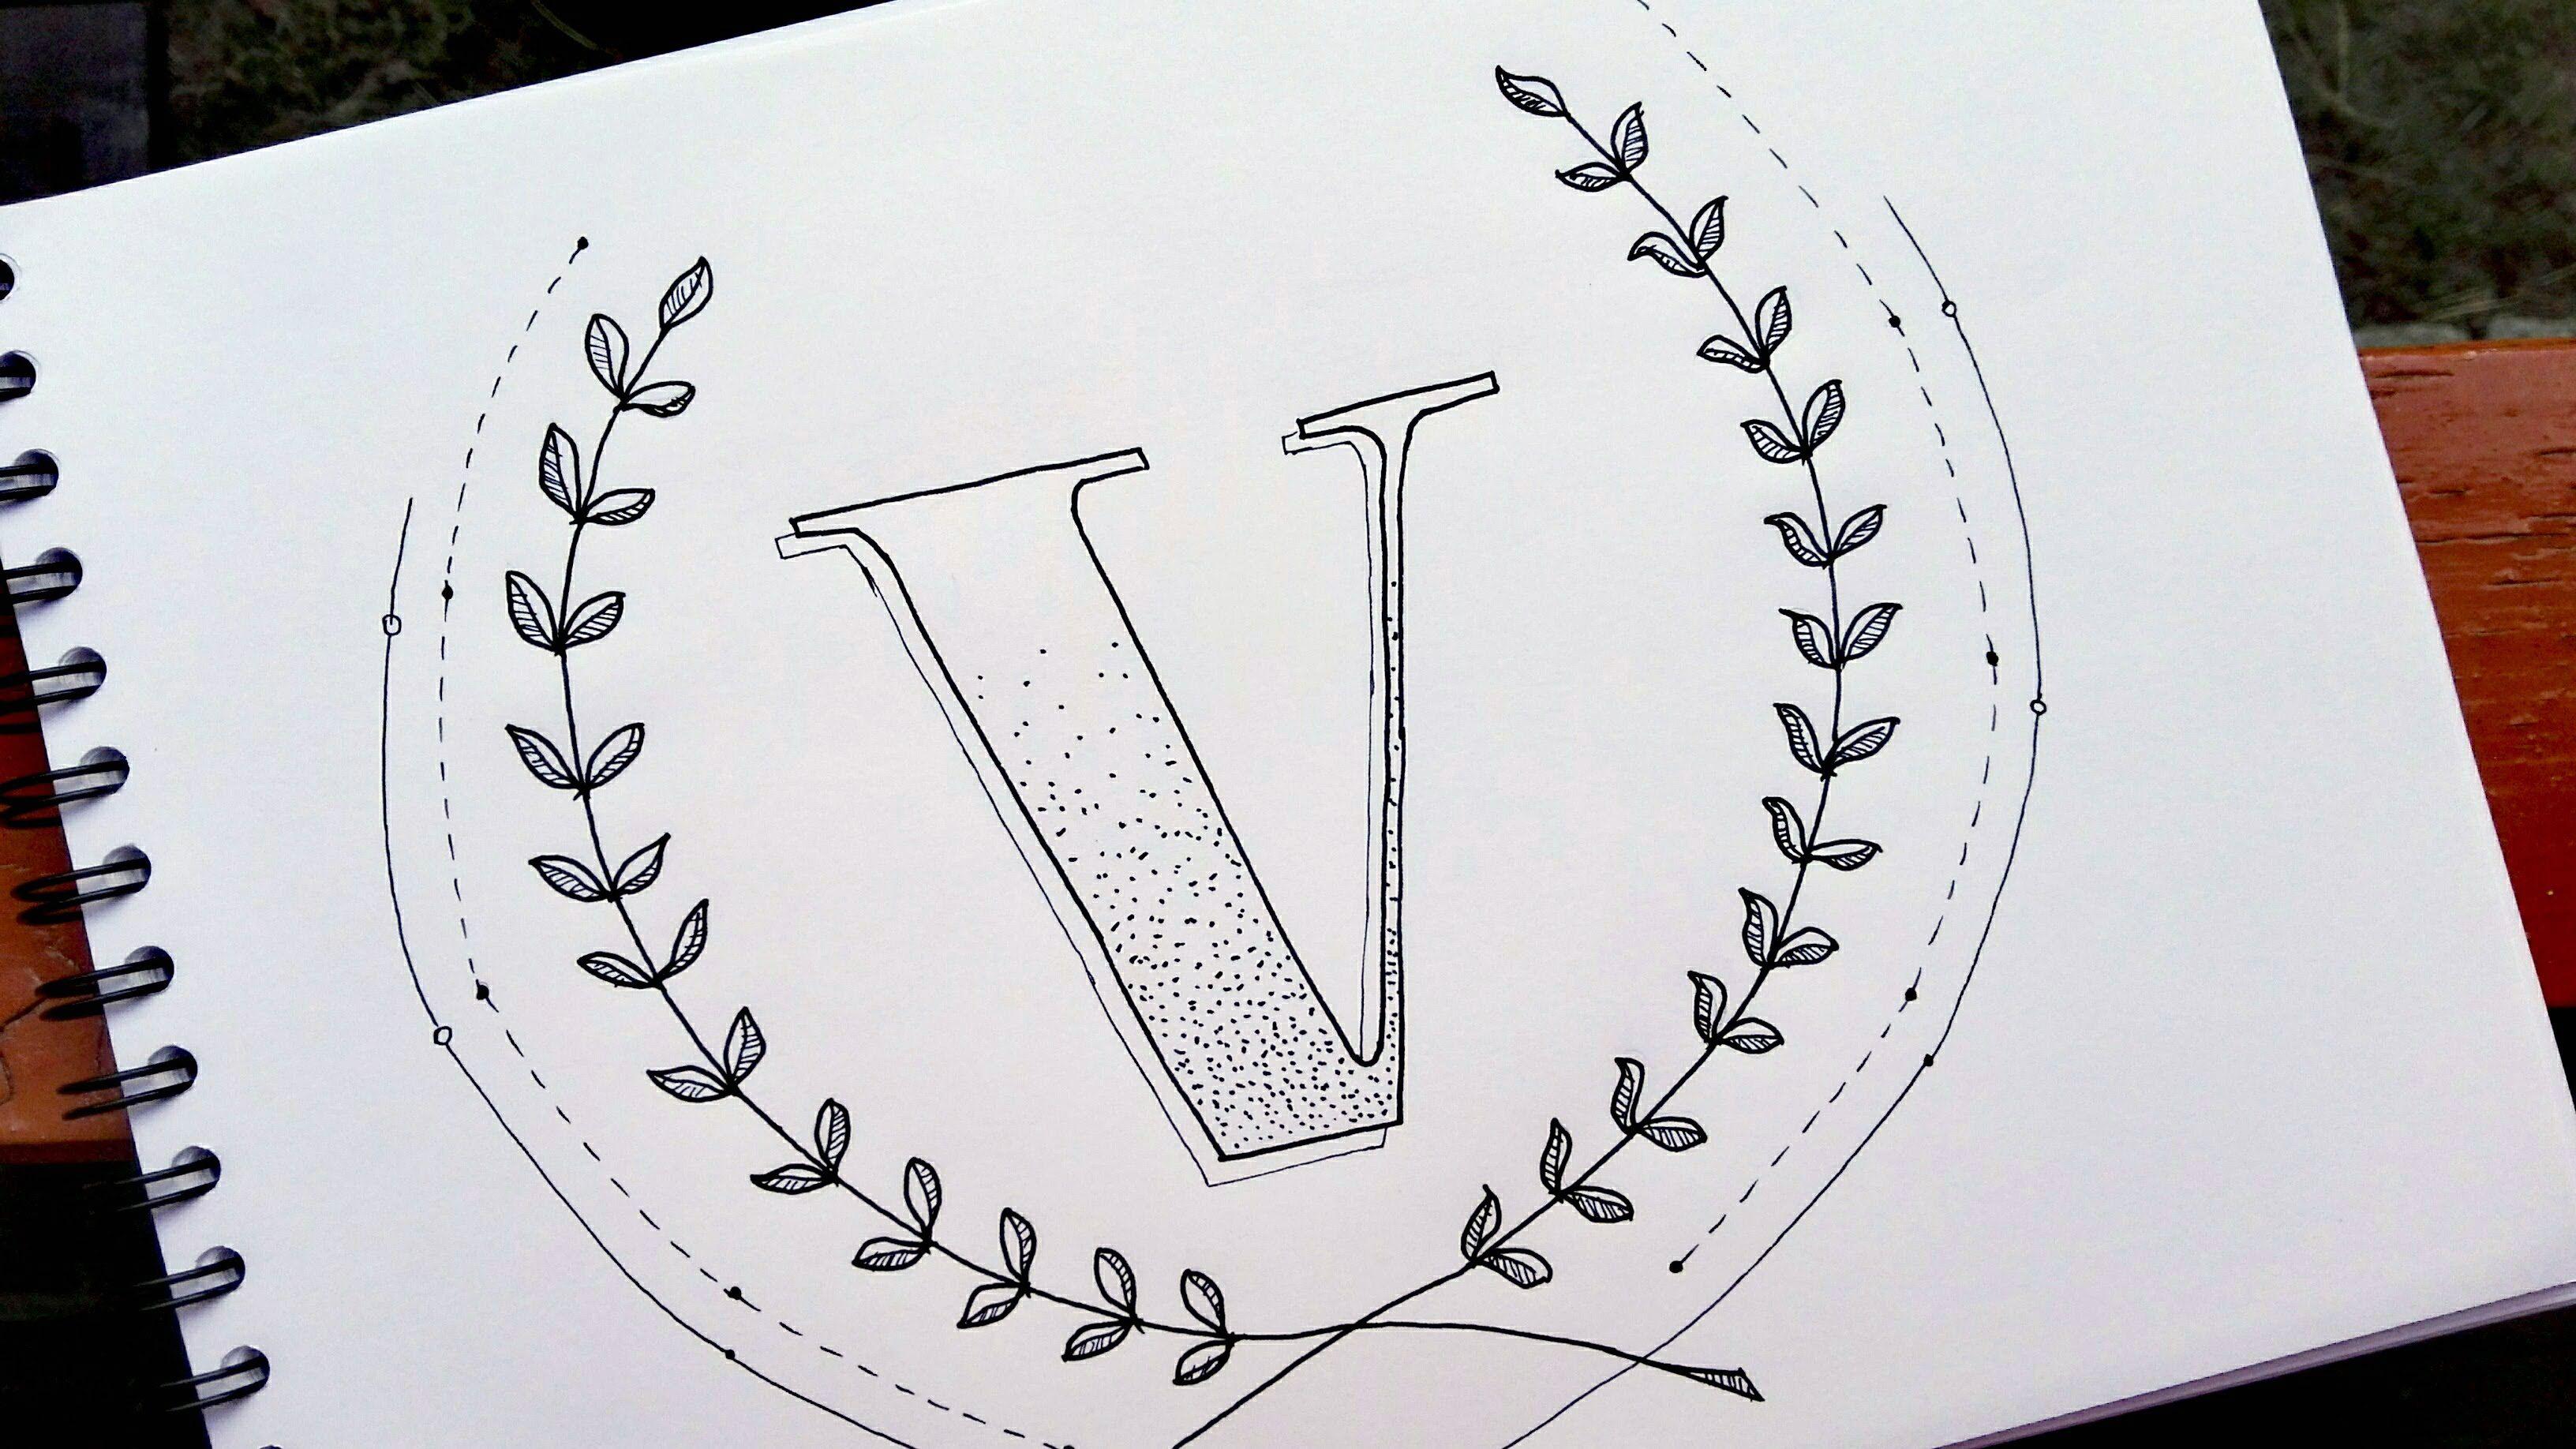 projekty sketchnoting